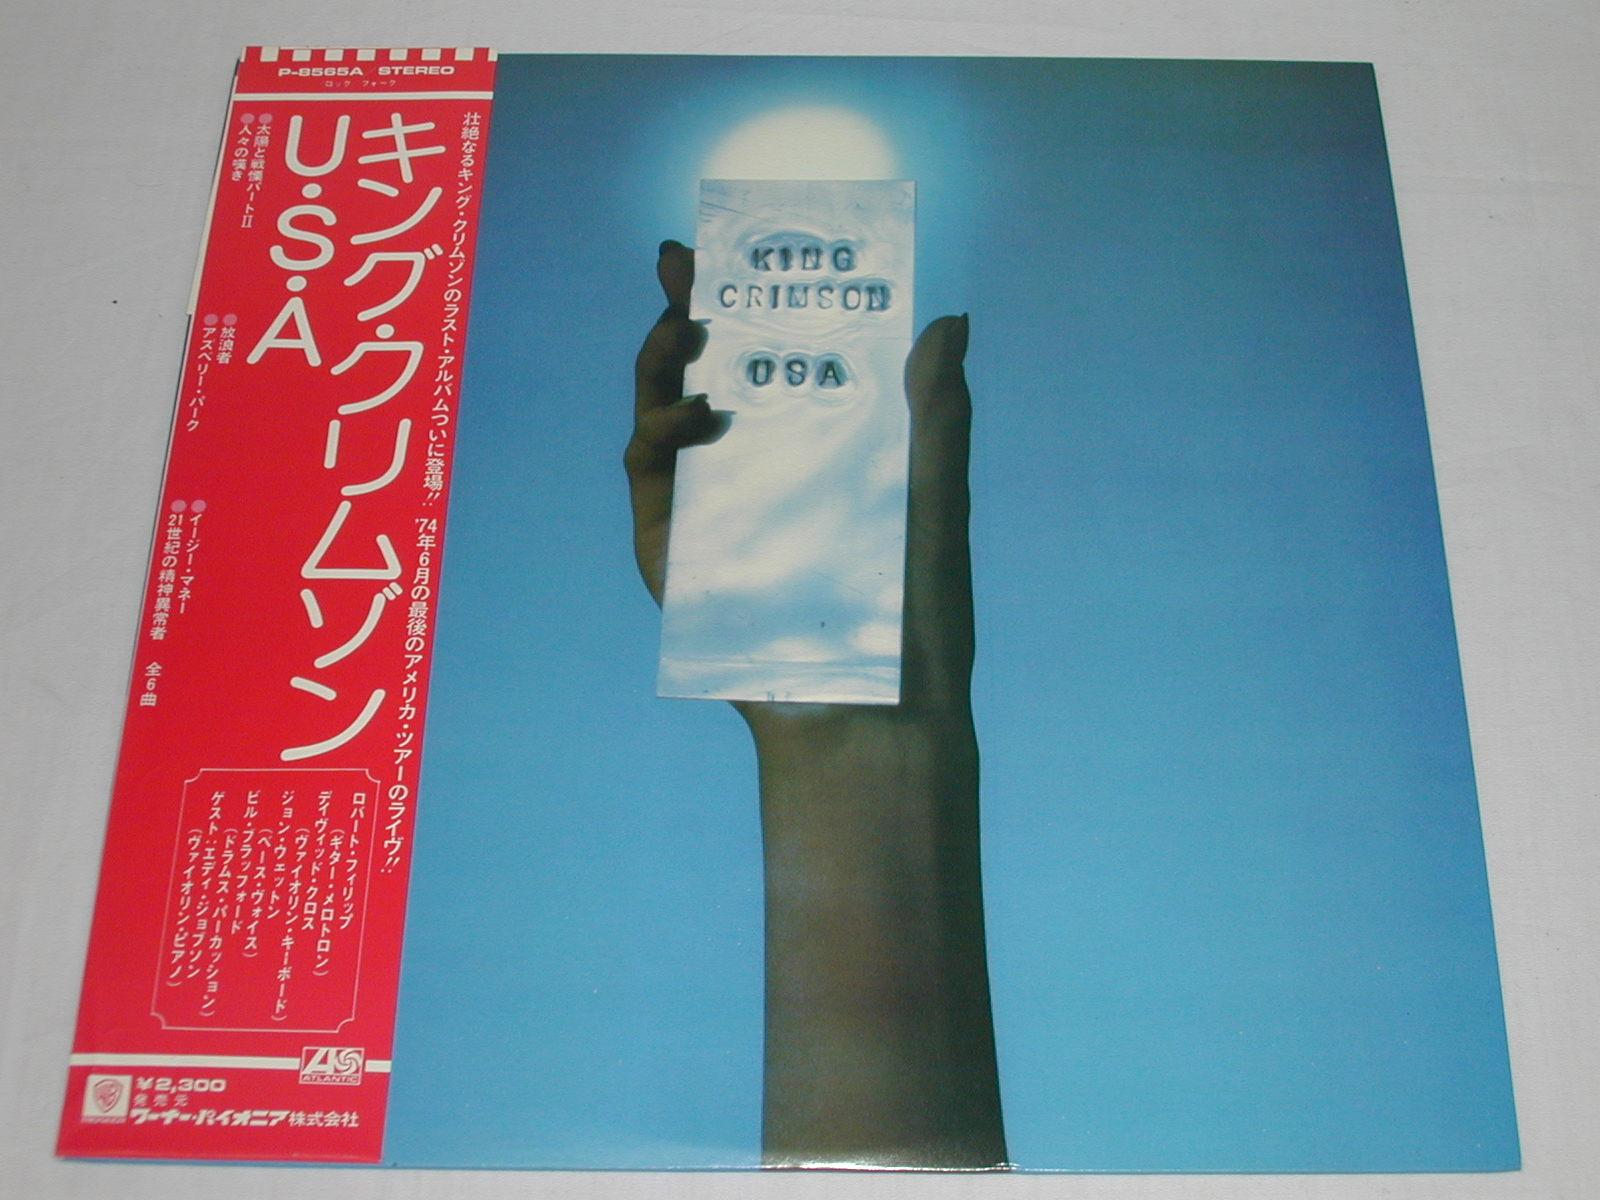 レコード, 洋楽 LPKING CRIMSON USA